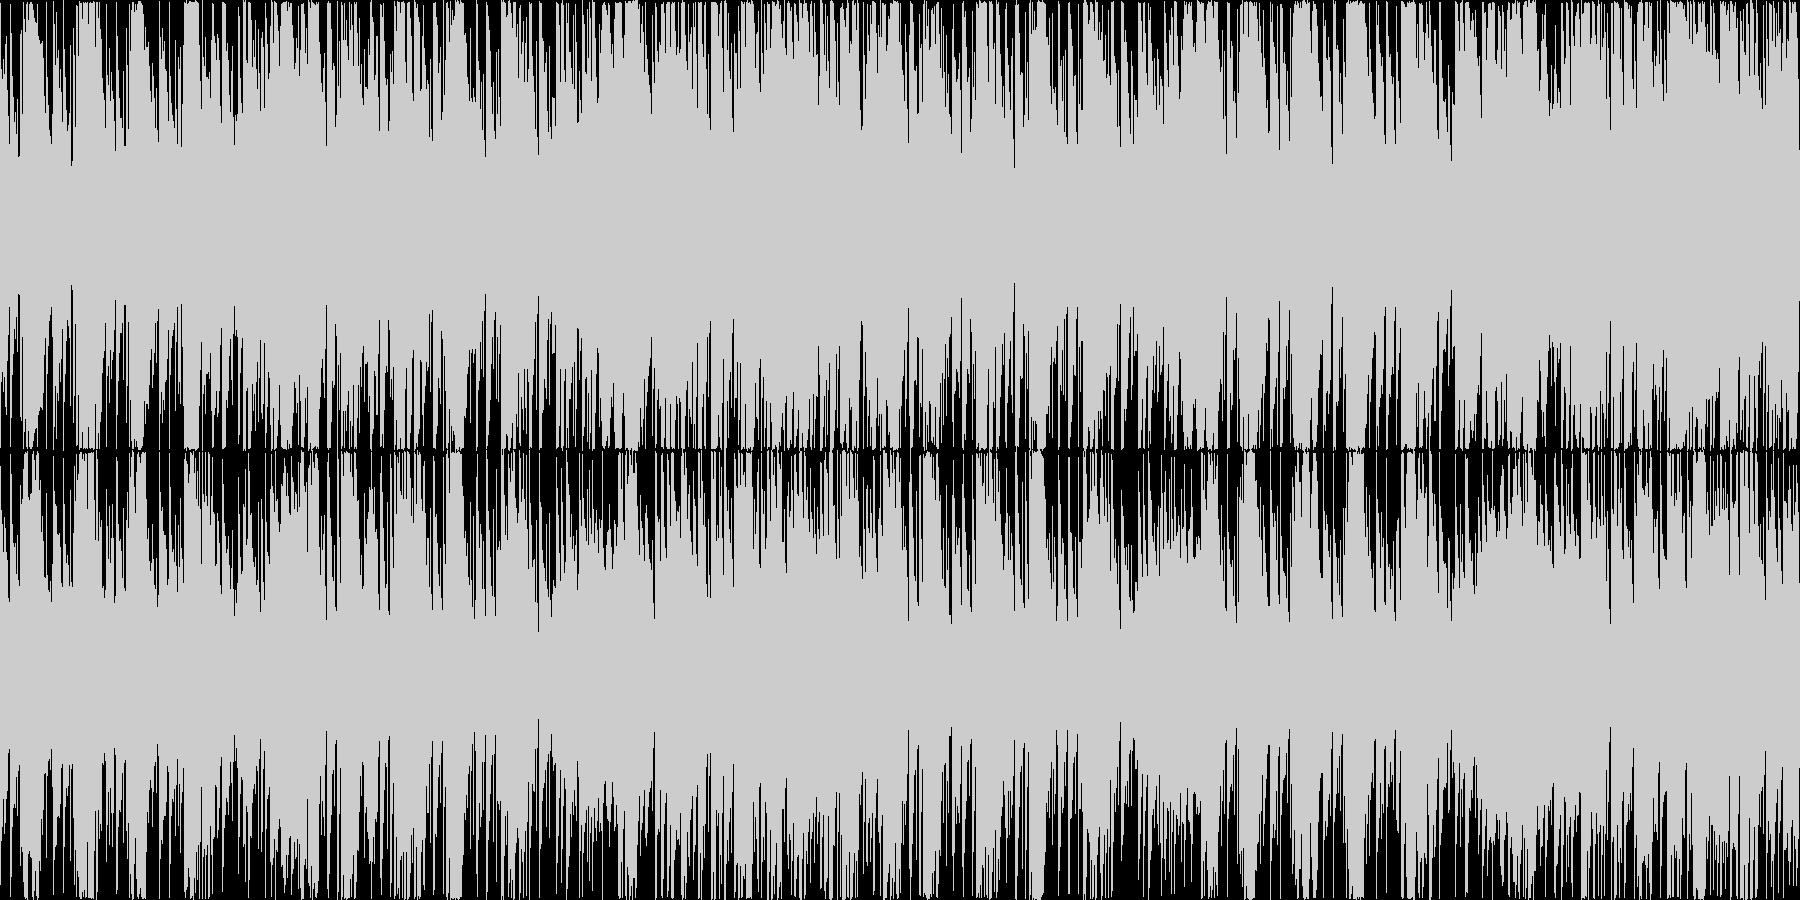 お洒落なピアノハウス楽曲。ゲーム等にの未再生の波形